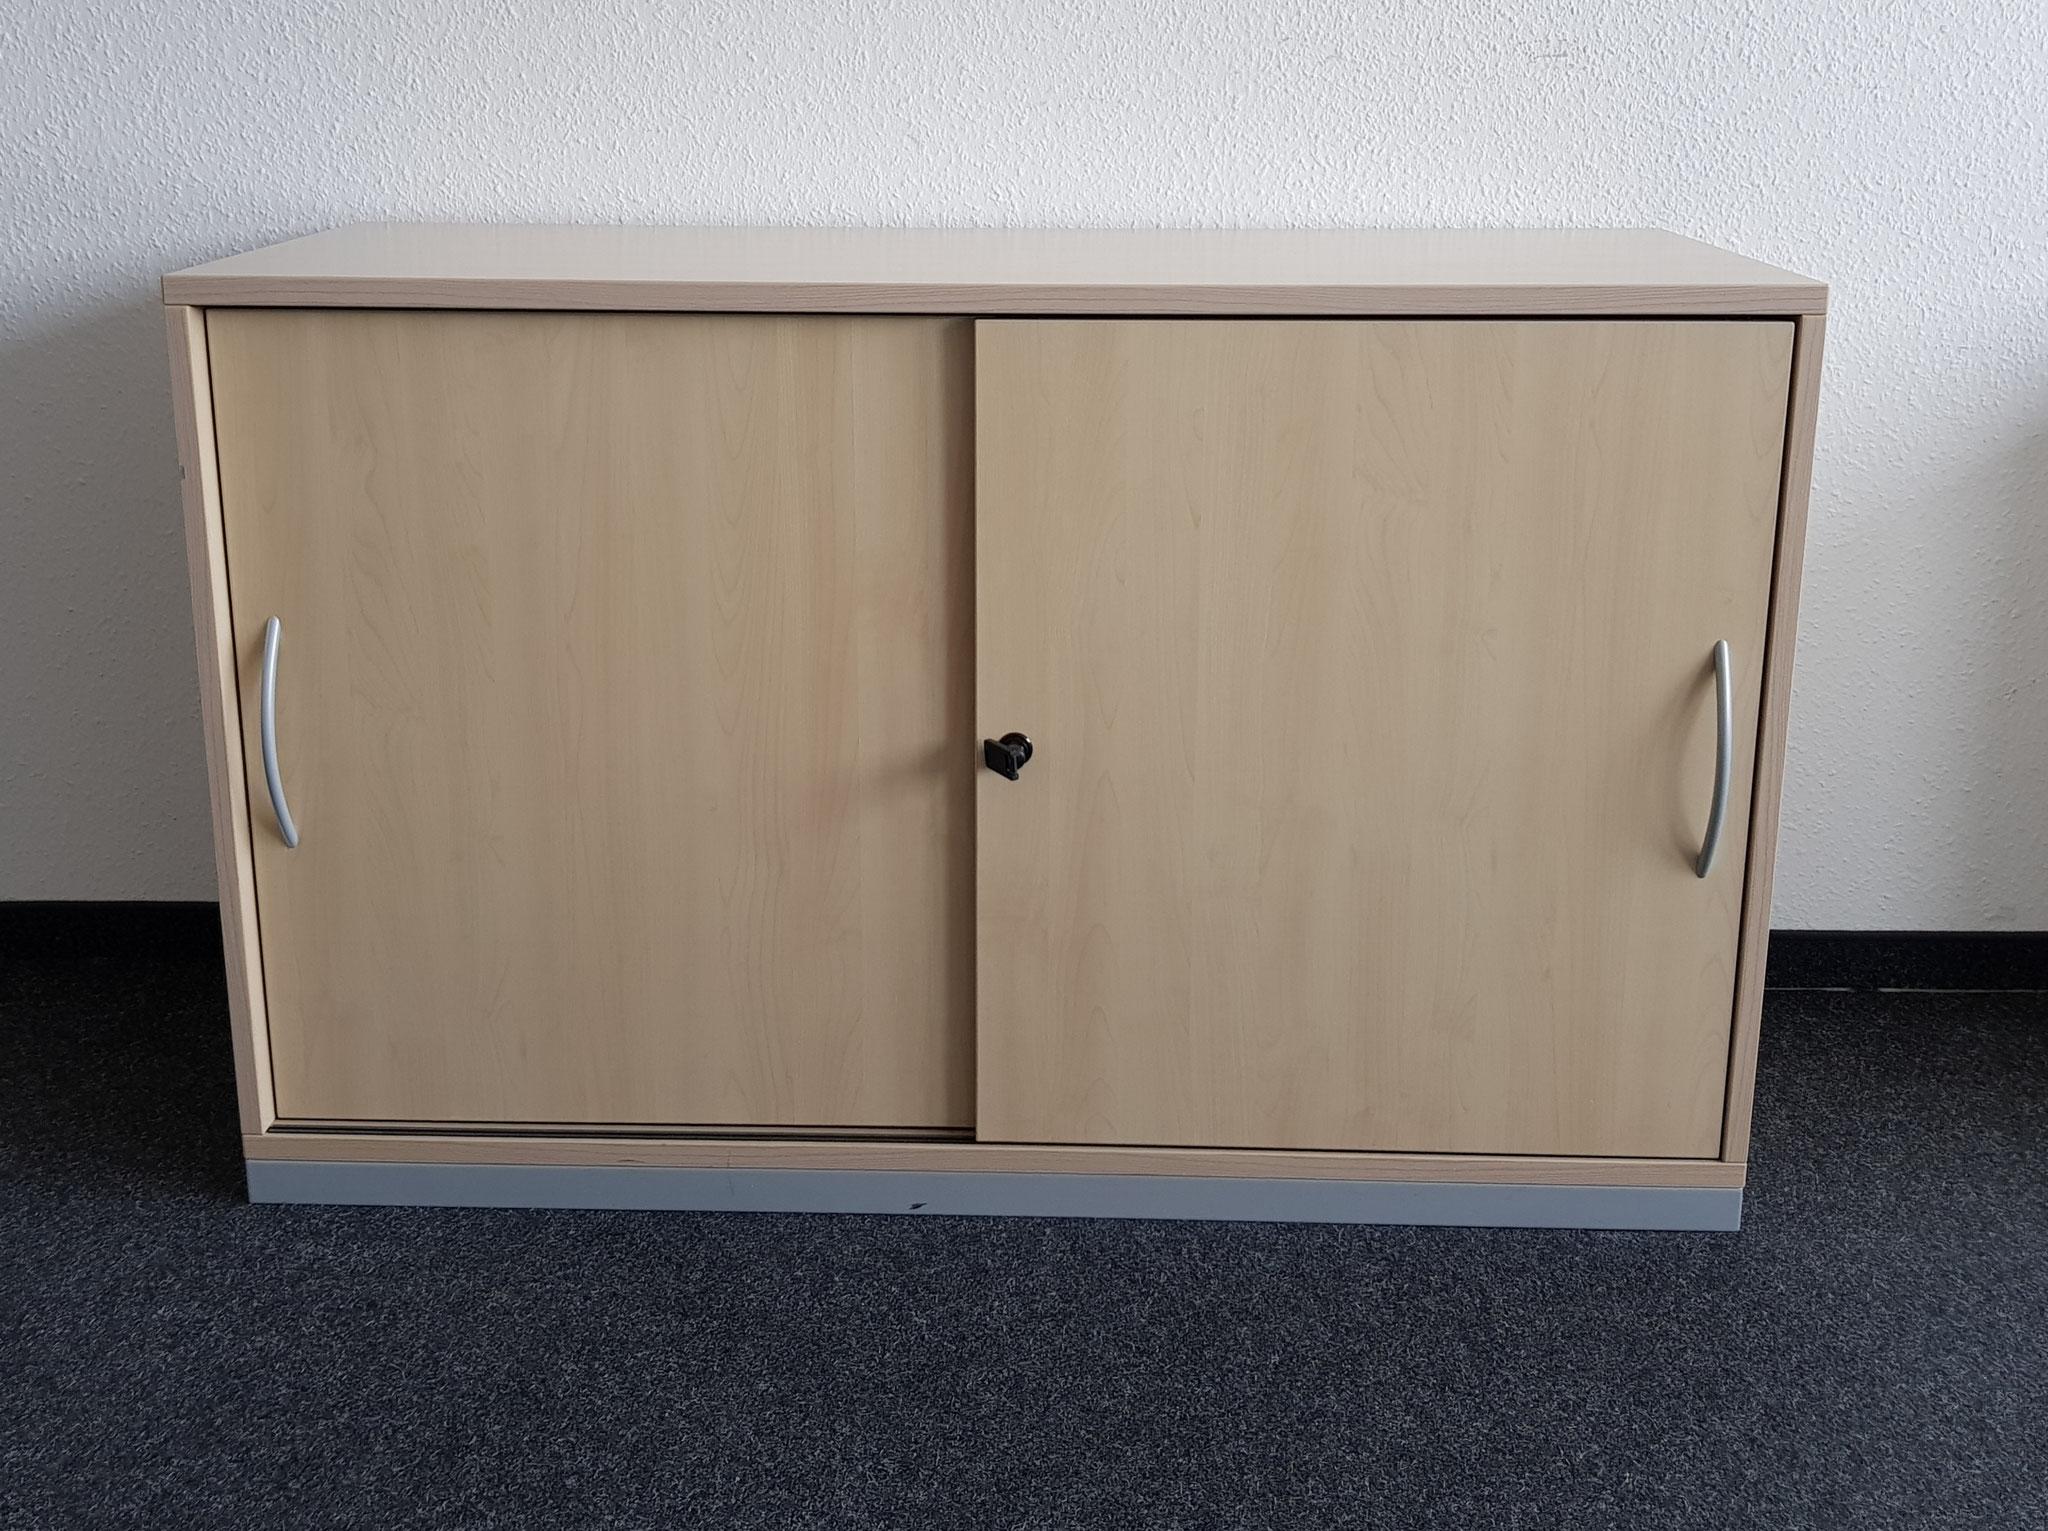 Gebrauchte Büromöbel Mit Persönlicher Beratung Bünex Büromöbel